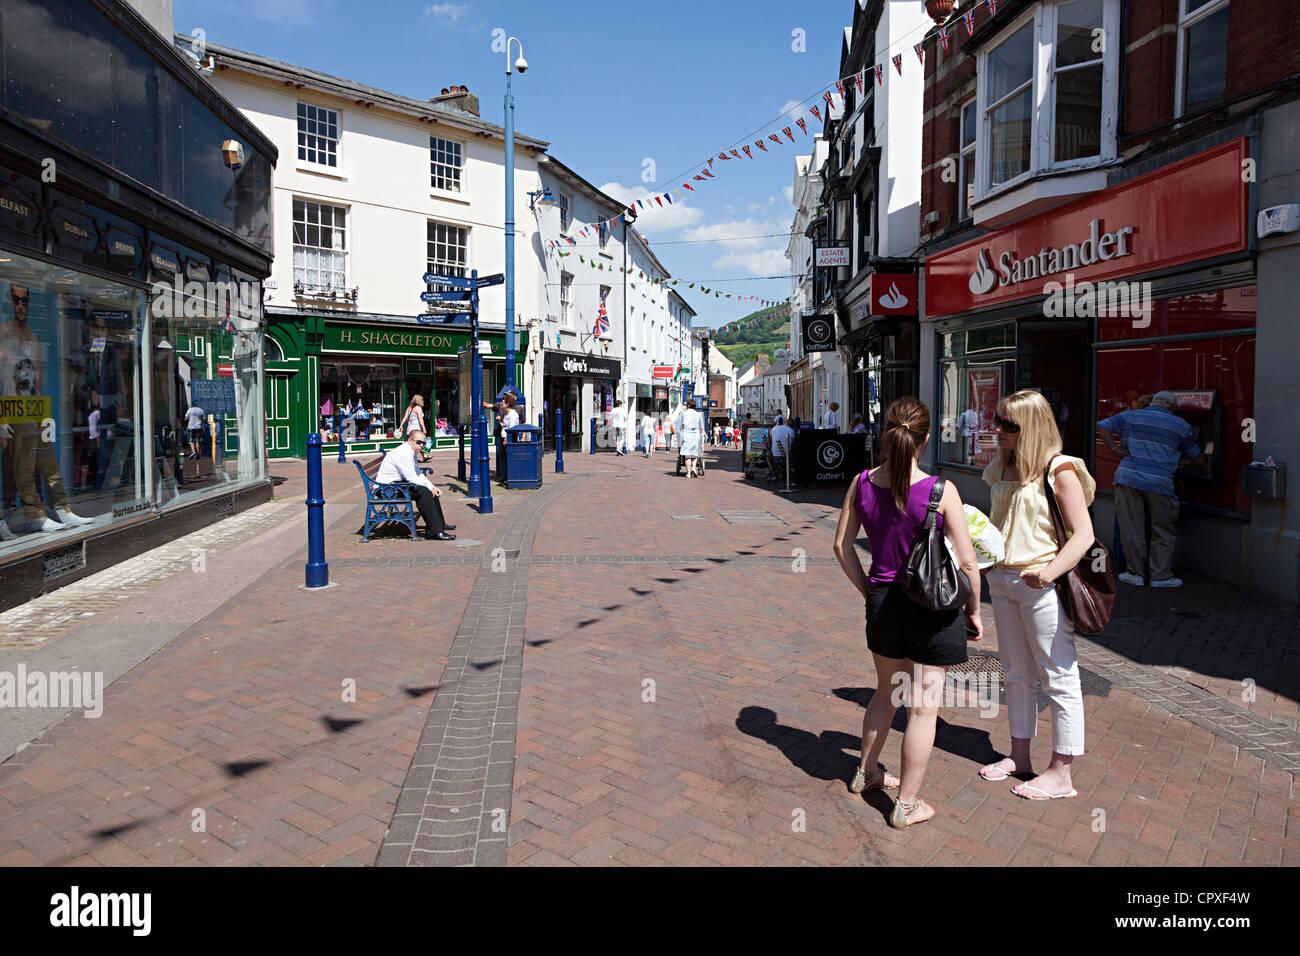 Stehen die Leute reden eine Fußgängerzone Abschnitt der wichtigsten shopping Street, Abergavenny, Wales, Stockbild